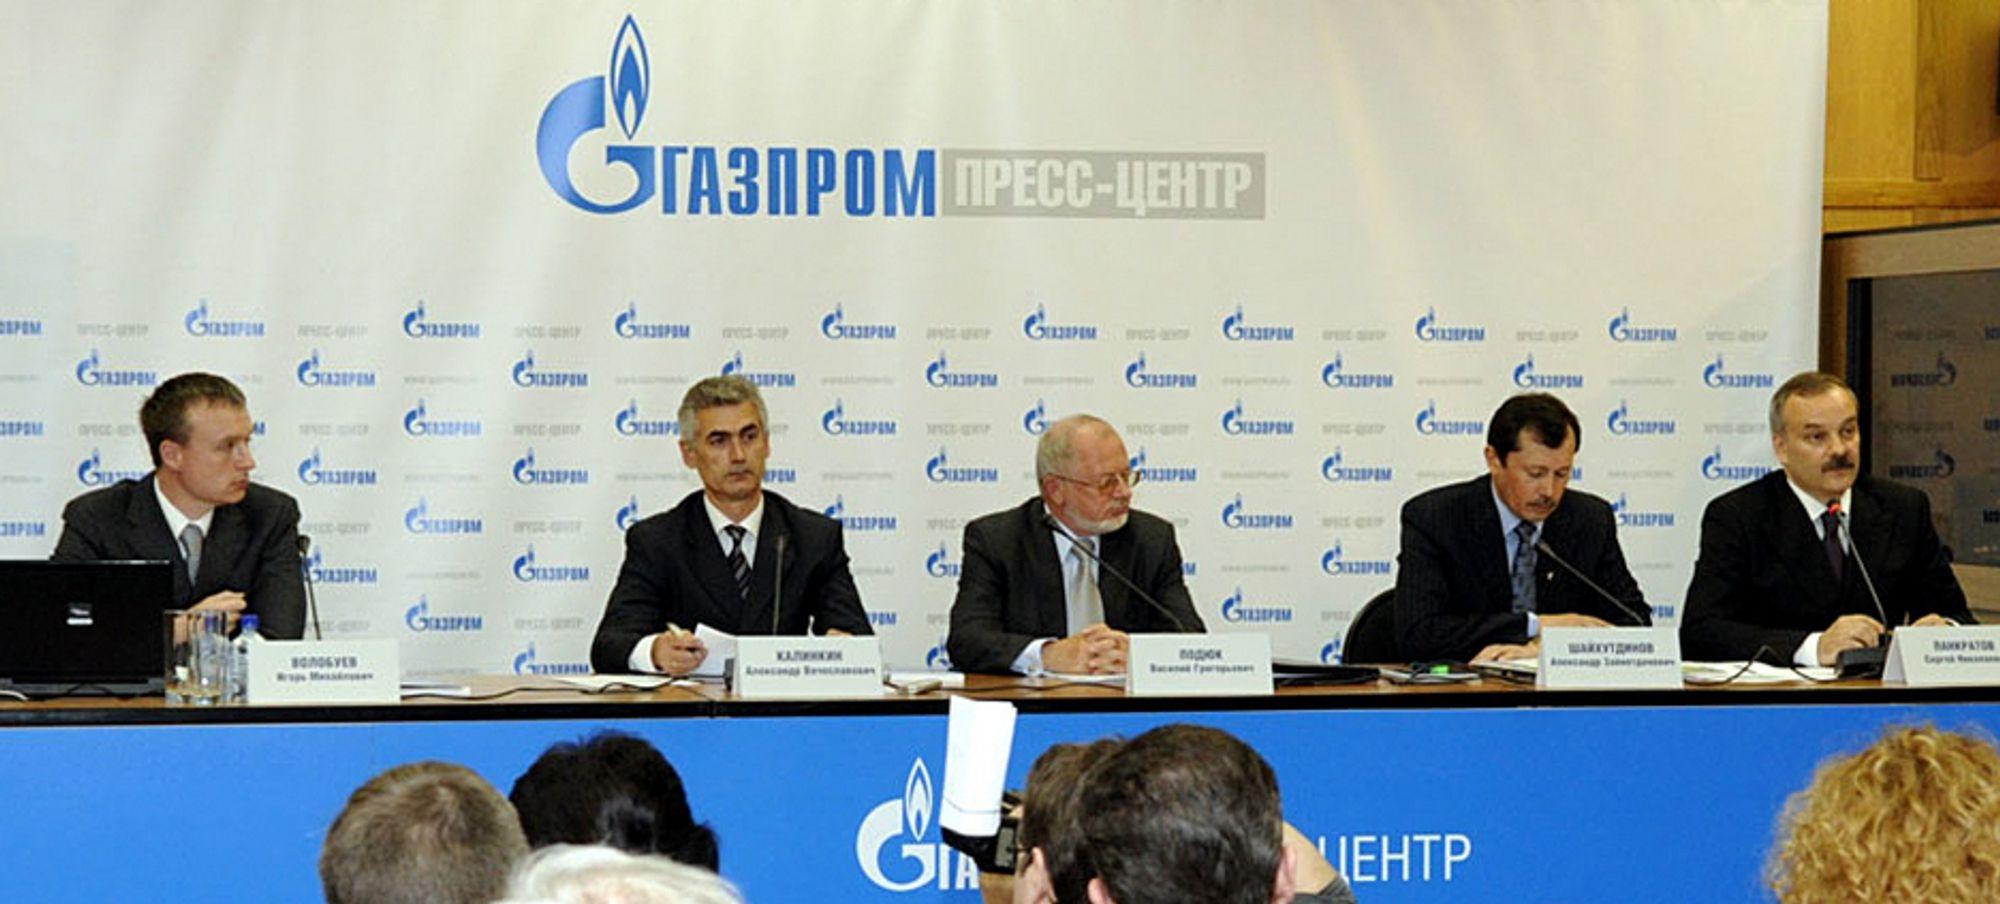 Gazprom-ledelsen, fra venstre: Igor Volobuev, Alexander Kalinkin, Vasily Podyuk, Alexander Shaykhutdinov og Sergey Pankratov, presenterte selskapets planlagte investeringer på en pressekonferanse mandag.